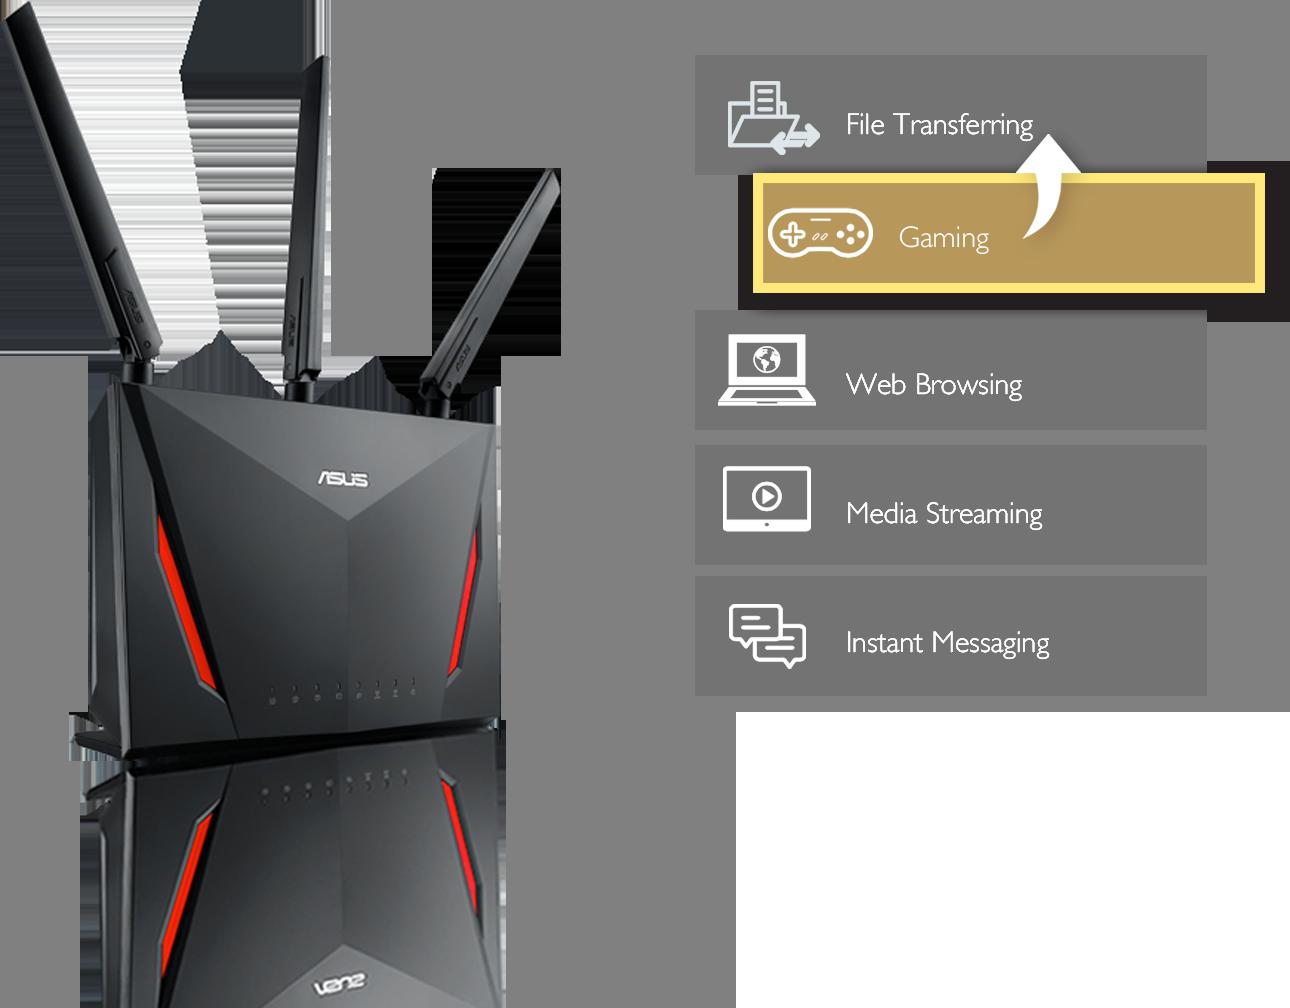 Маршрутизатор ASUS RT-AC86U дозволяє користувачеві задавати в ASUSWRT пріоритети використання мережного з'єднання різними додатками (адаптивна функція QoS).